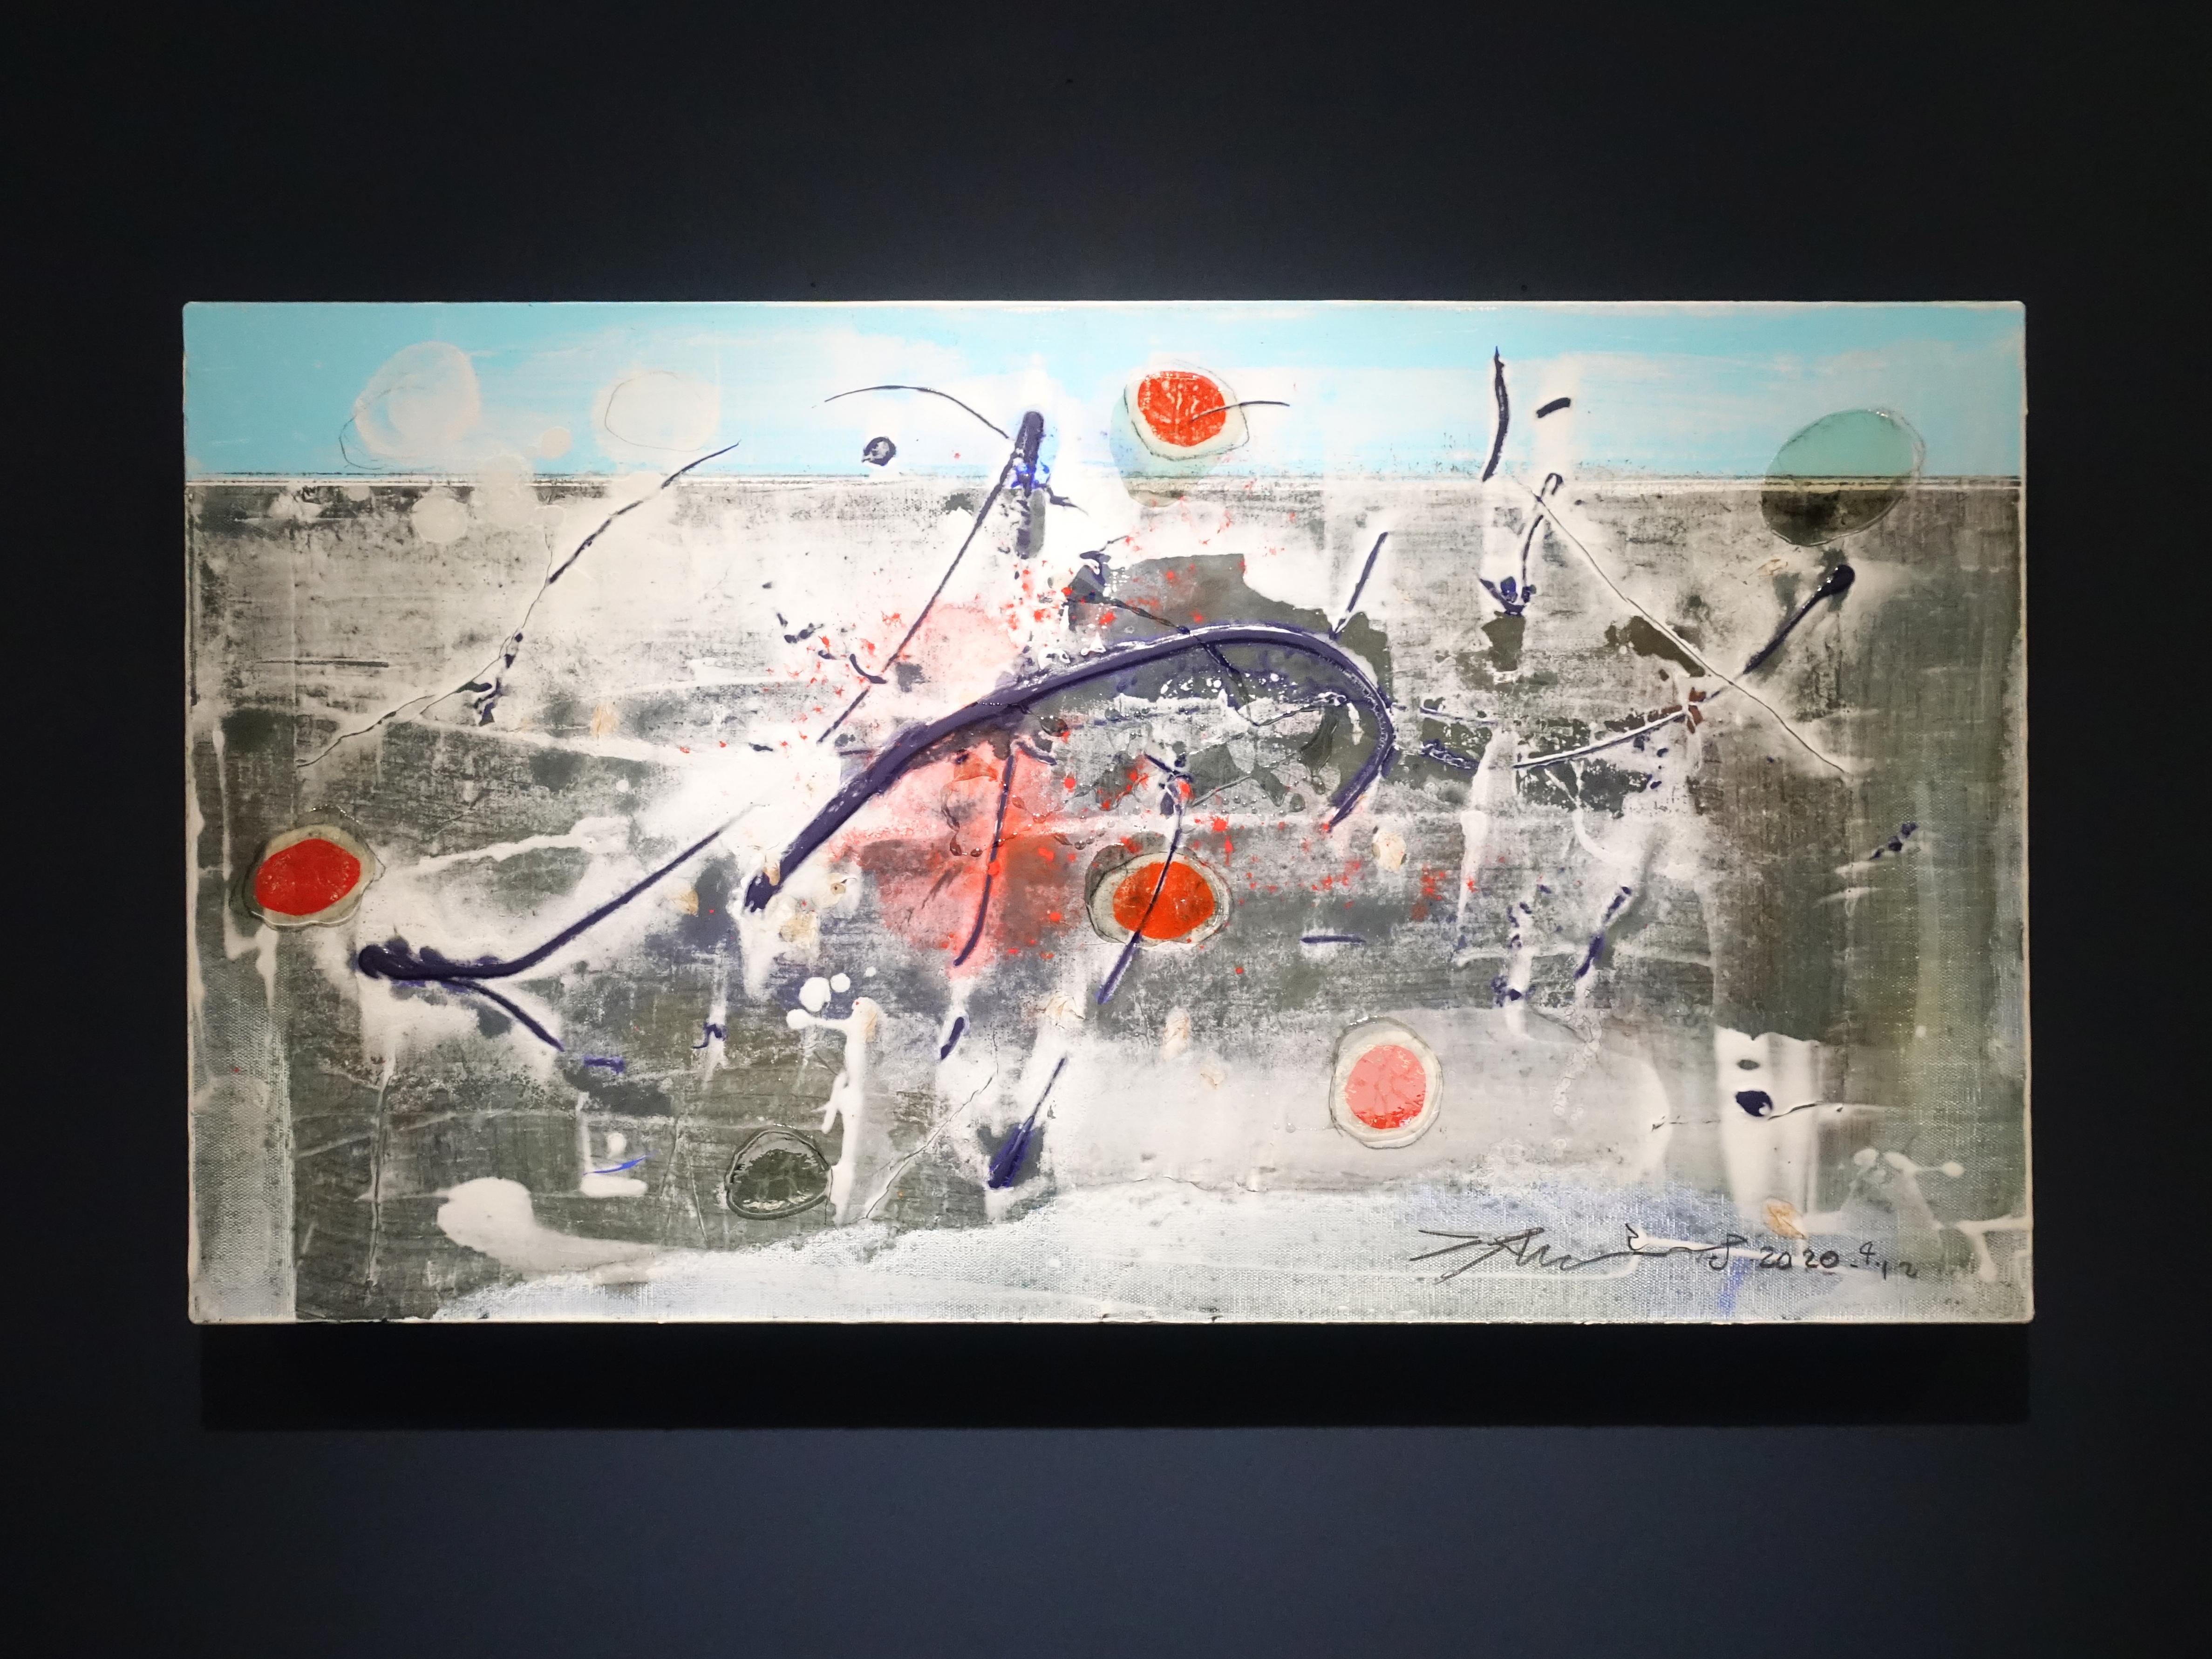 洪明爵,《火紅的印記》,90 x50 cm,複合媒材,2020。